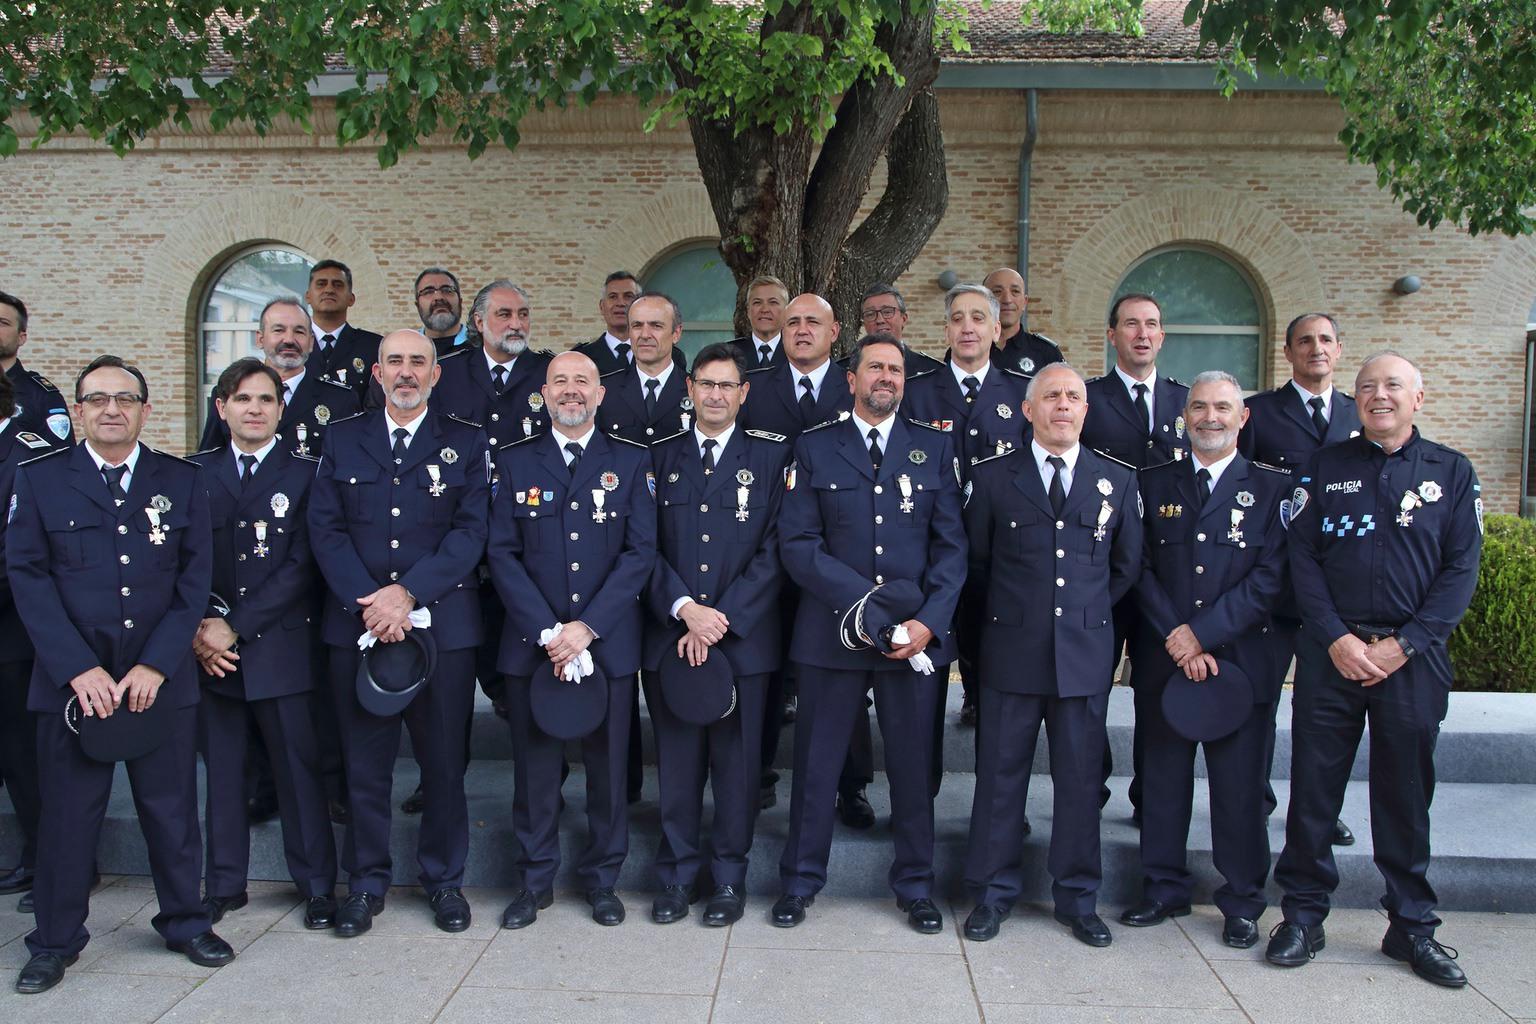 Juli%C3%A1n Moreno condecorado por su servicio activo durante 30 a%C3%B1os en la polic%C3%ADa local2 - Julián Moreno, condecorado por su servicio activo durante 30 años en la policía local